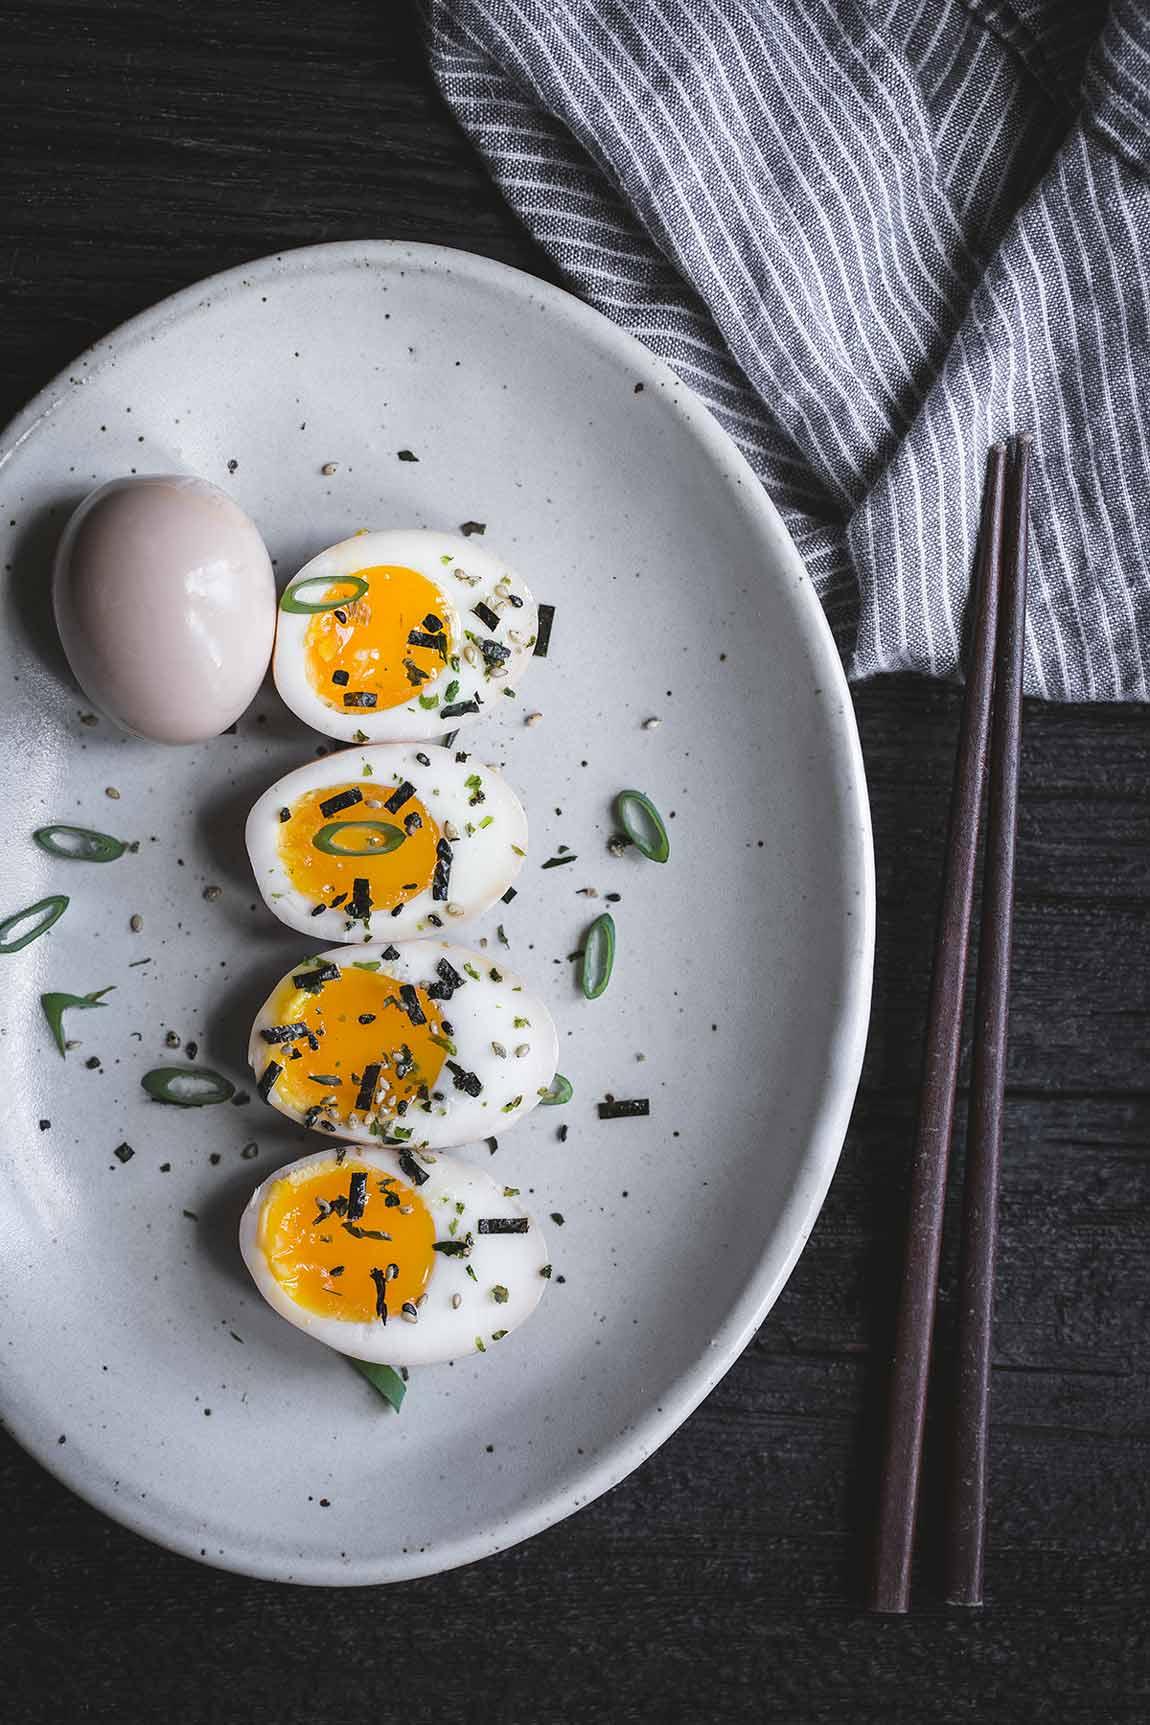 Ramen eggs with chopsticks